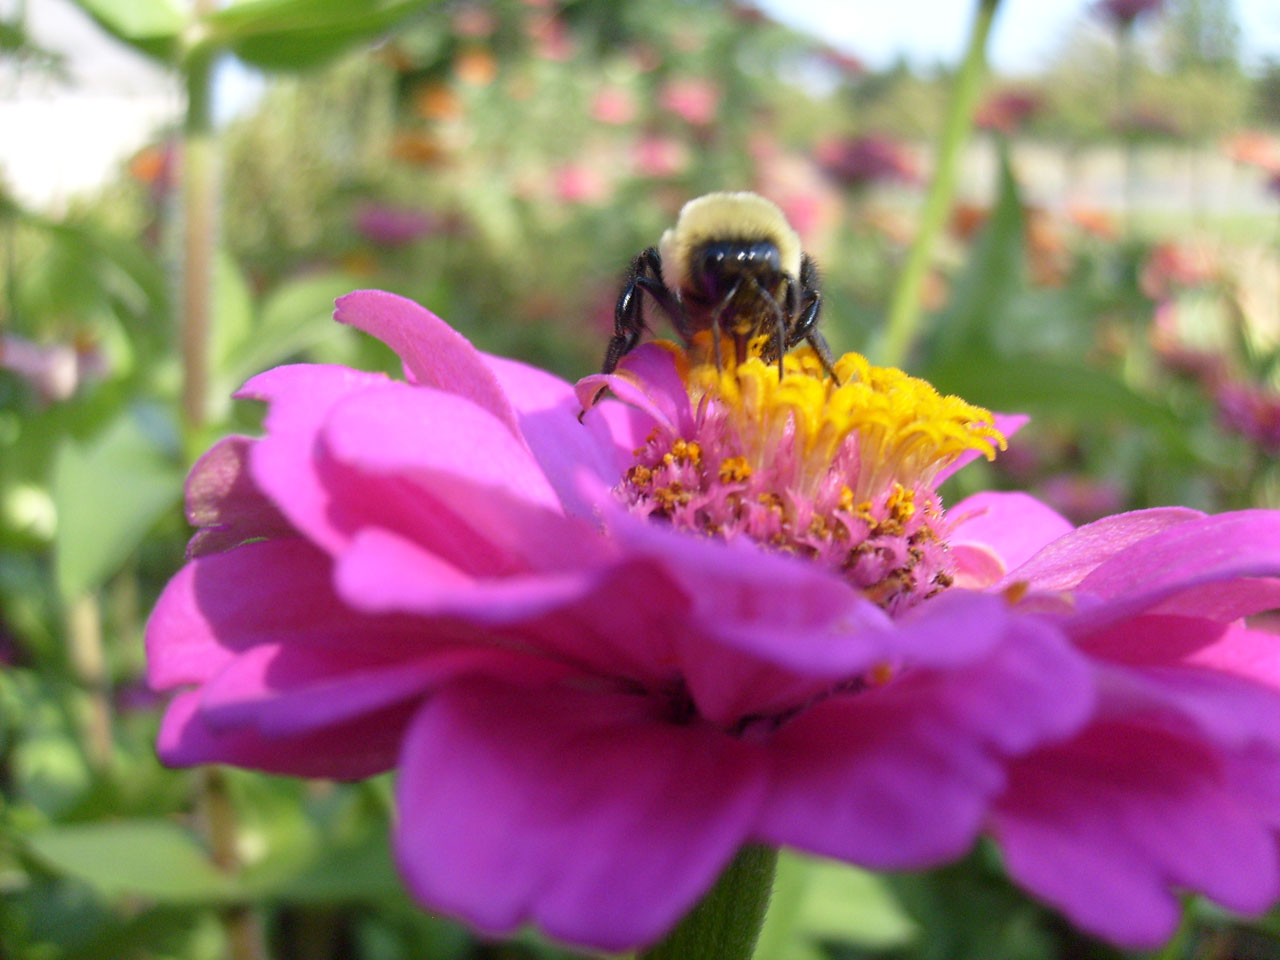 """Propolisul este produs de albine din rășina culeasă de pe mugurii şi ramurile tinere de brad, molid, arin, plop, mesteacăn, vișin, cireș, combinată cu secreții proprii. """"Farmacia albinelor"""" în folosul oamenilor"""